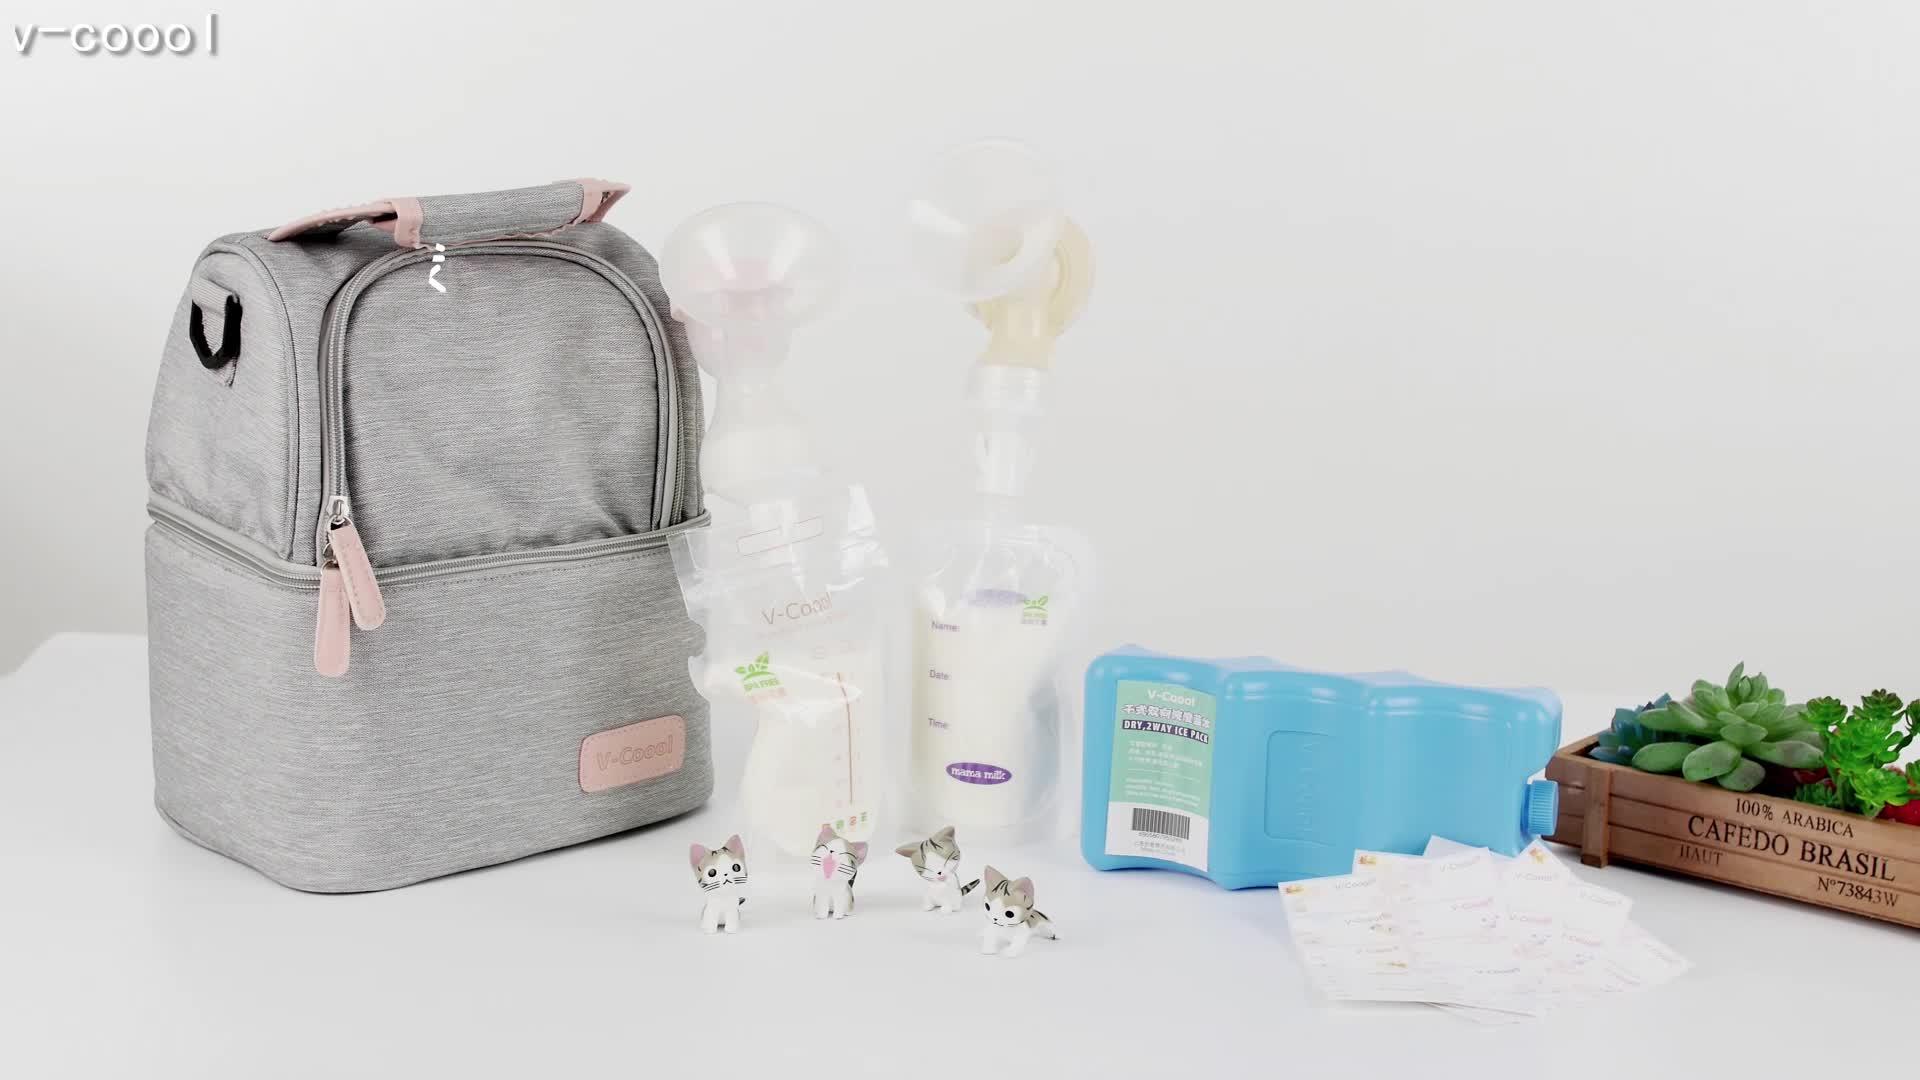 V-Coool डबल जिपर सील BPA और बीपीएस नि: शुल्क स्तन के दूध का भंडारण बैग भंडारण के लिए और ठंड Breastmilk